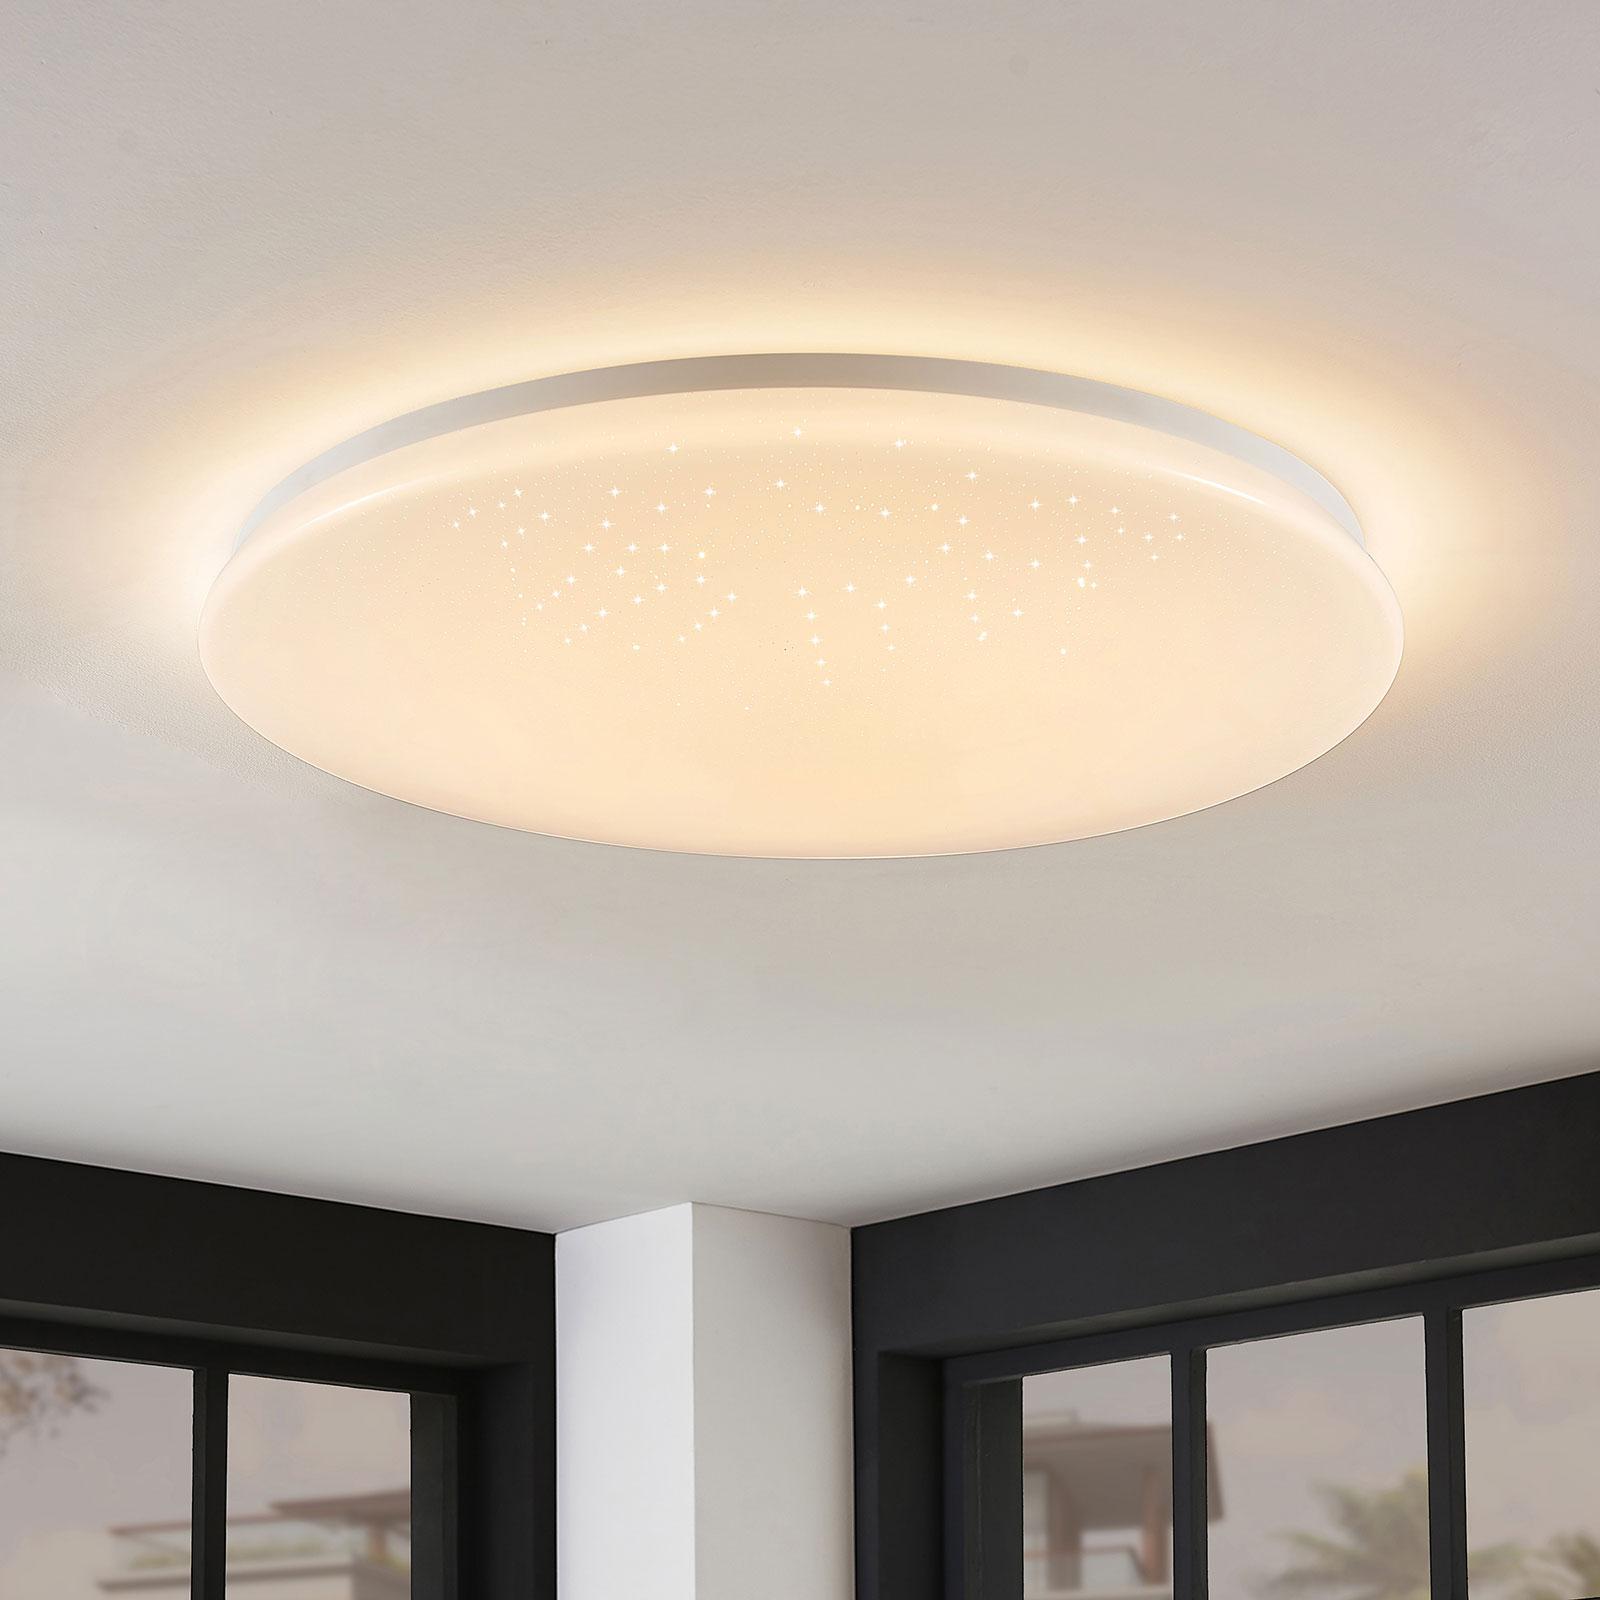 LED-Deckenlampe Marlie, WiZ-Technologie, rund